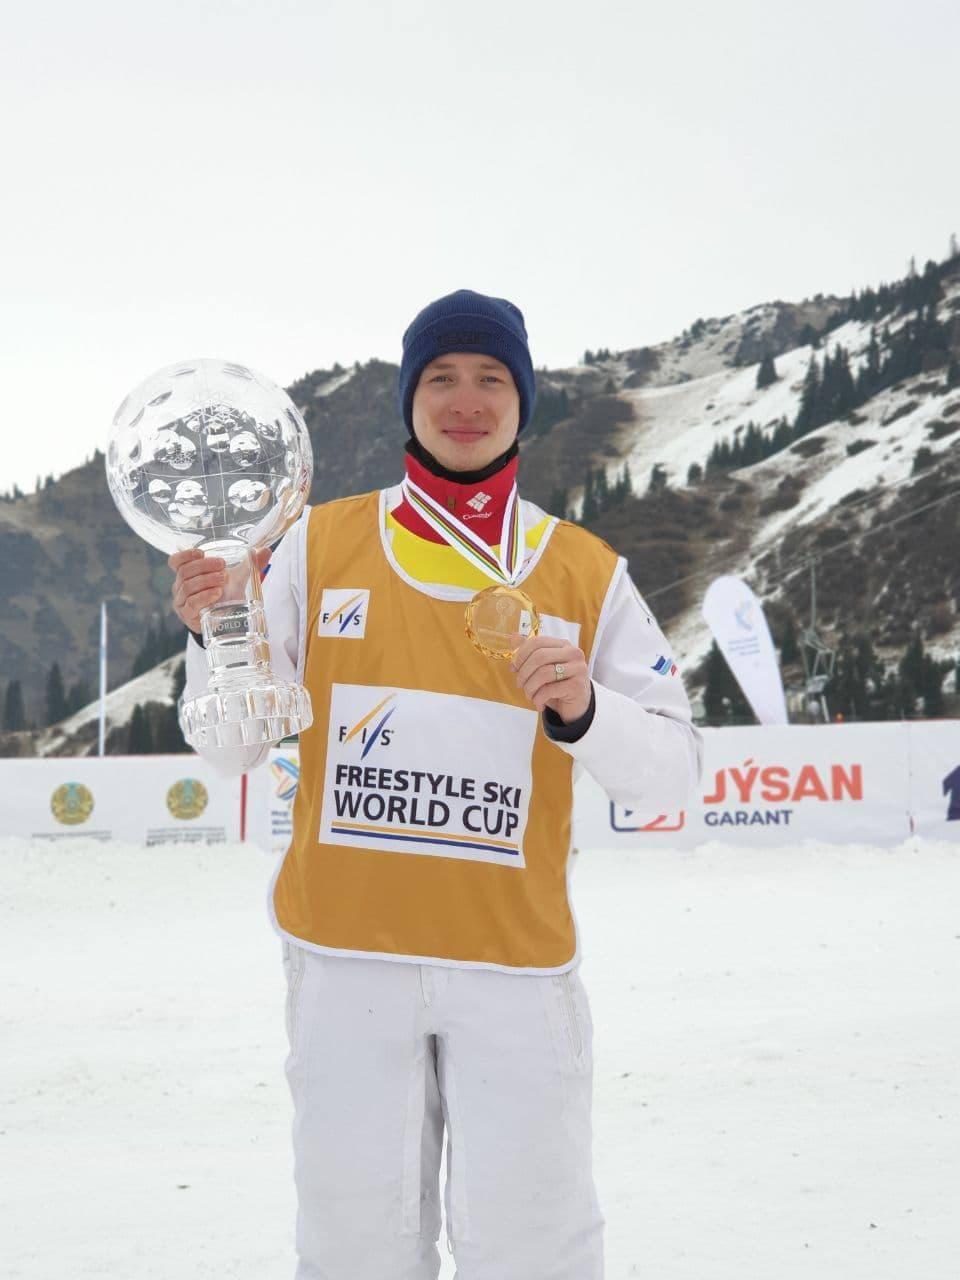 Подмосковный спортсмен Максим Буров победил в общем зачете Кубка мира по фристайлу